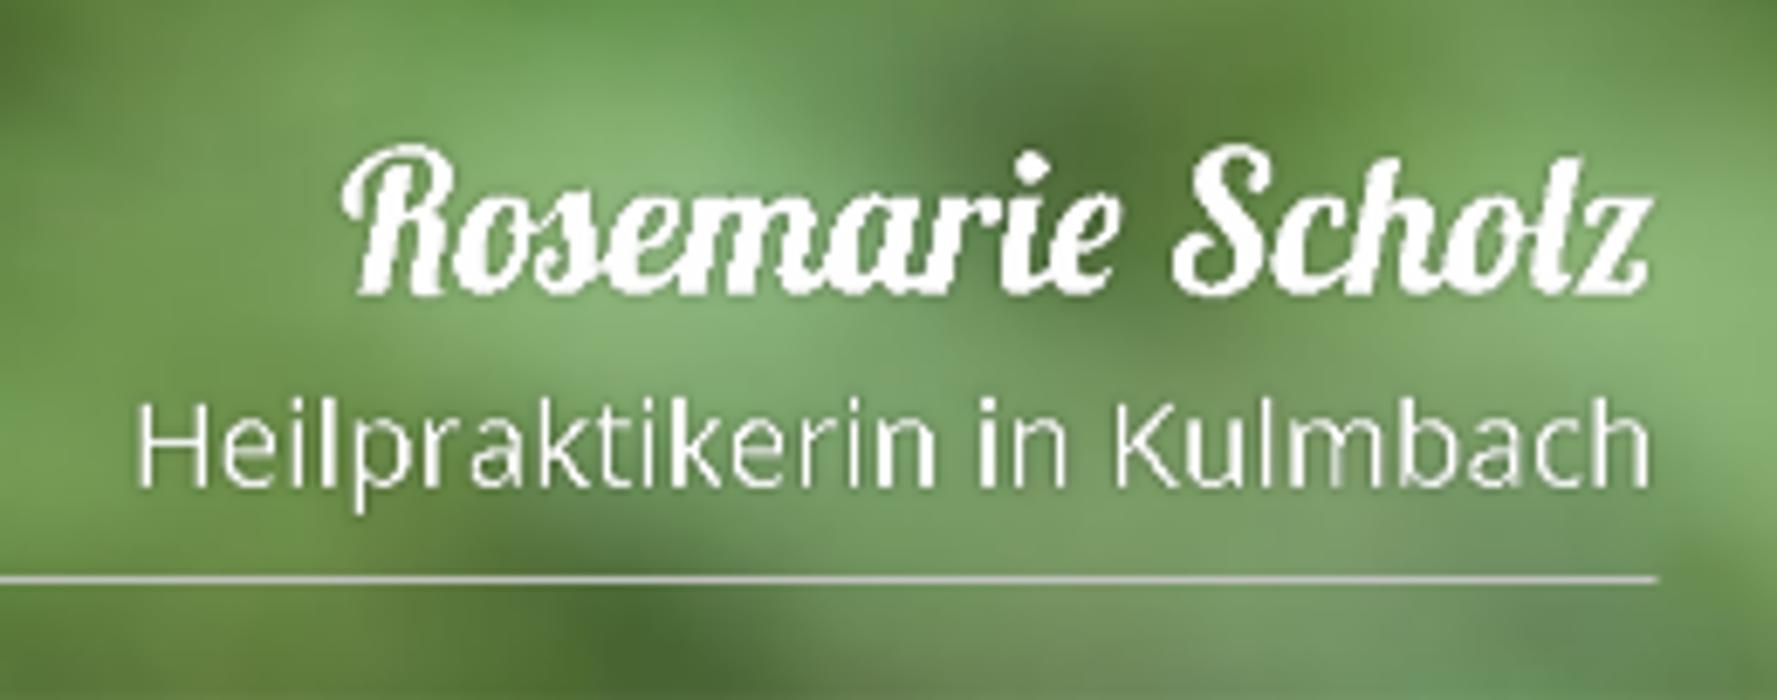 Bild zu Rosemarie Scholz Naturheilpraxis in Kulmbach